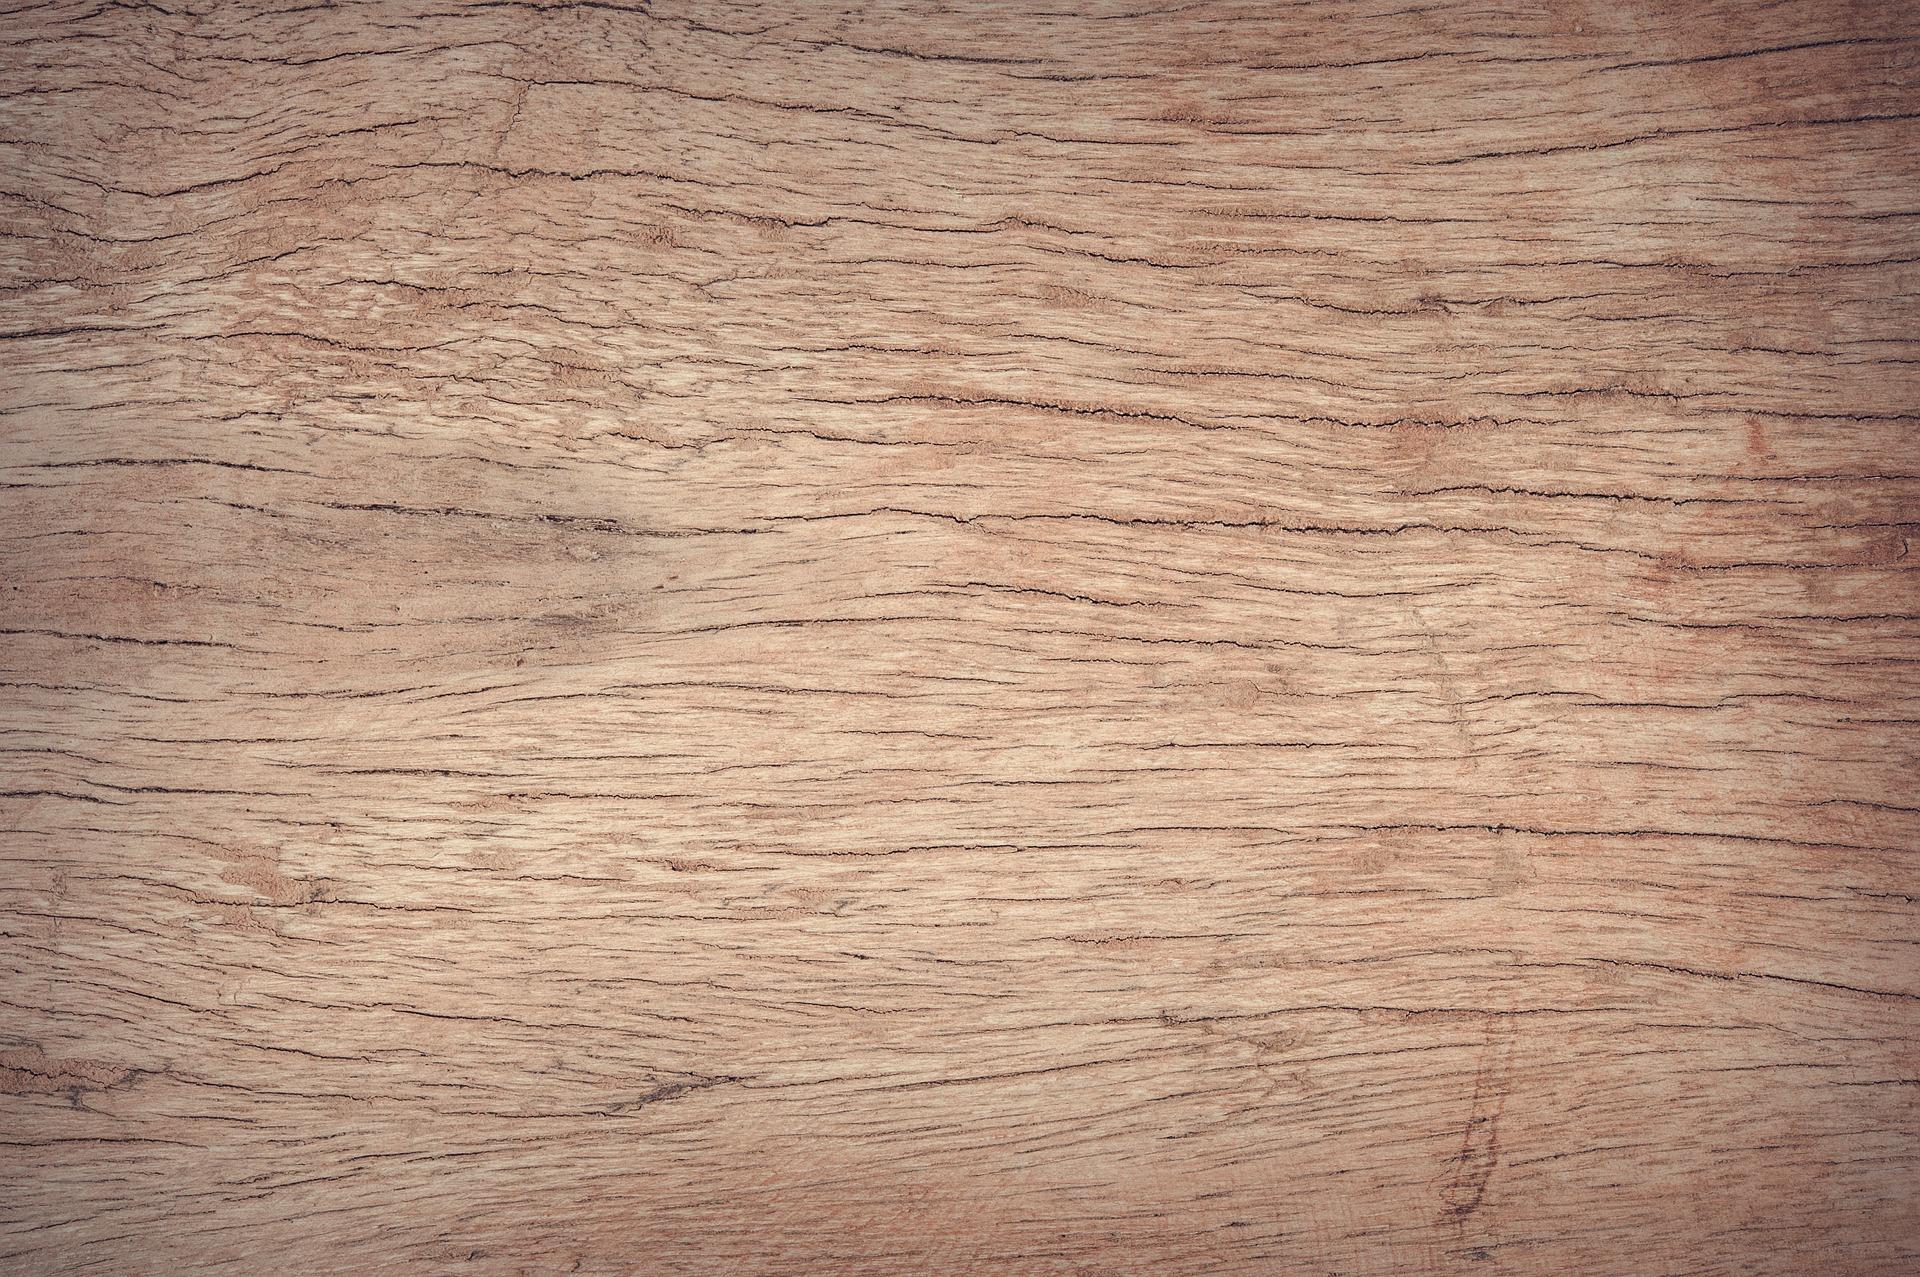 wood-1866654-1920.jpg